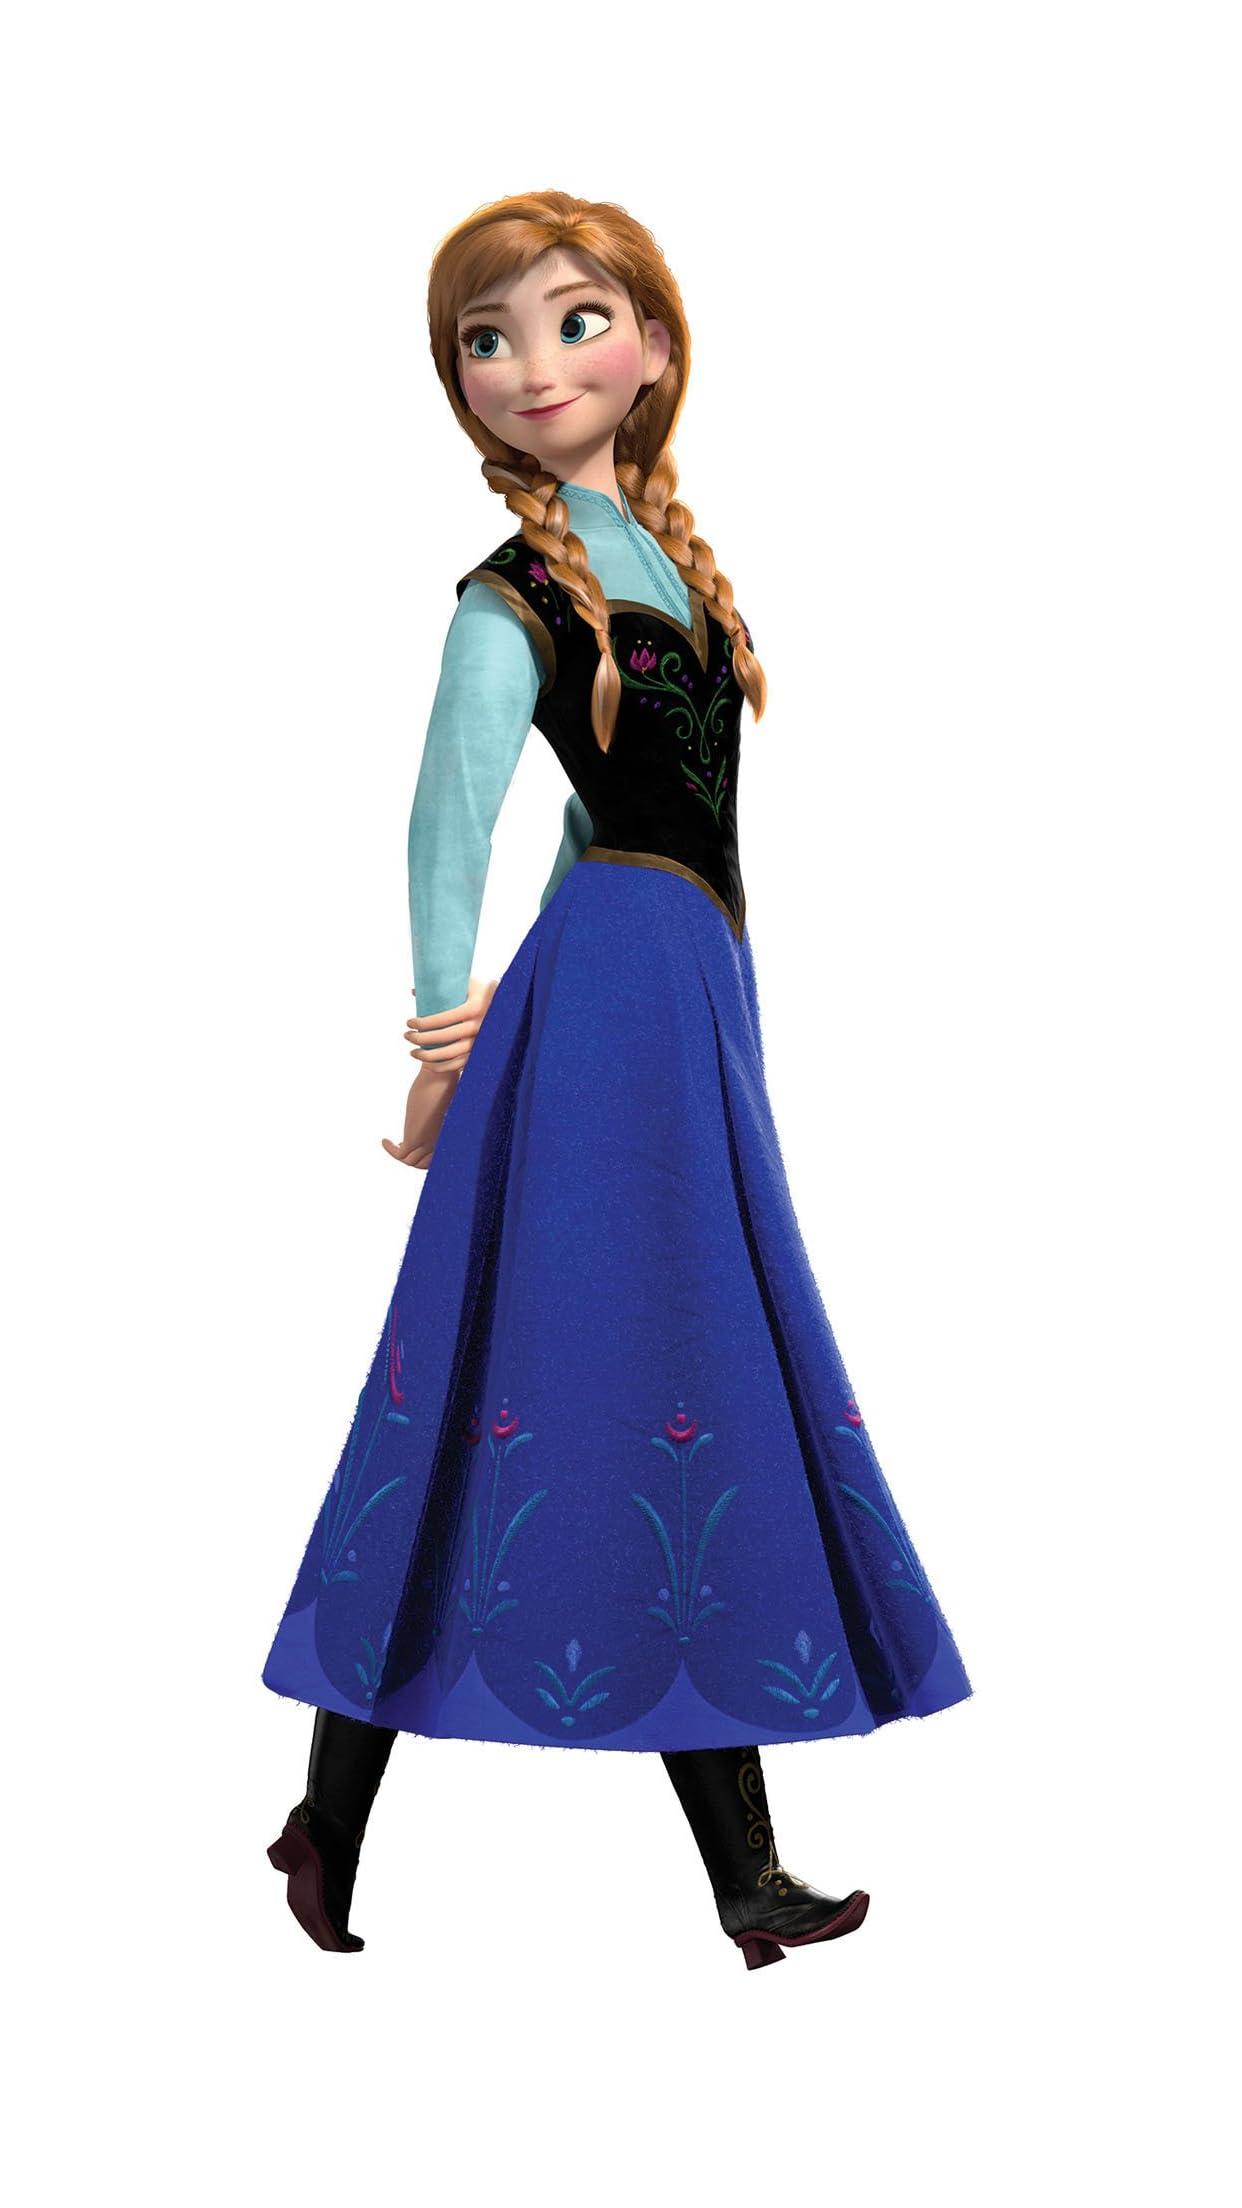 ディズニー アナ(Princess Anna of Arendelle)『アナと雪の女王』 iPhone8,7,6 Plus 壁紙(1242×2208)画像